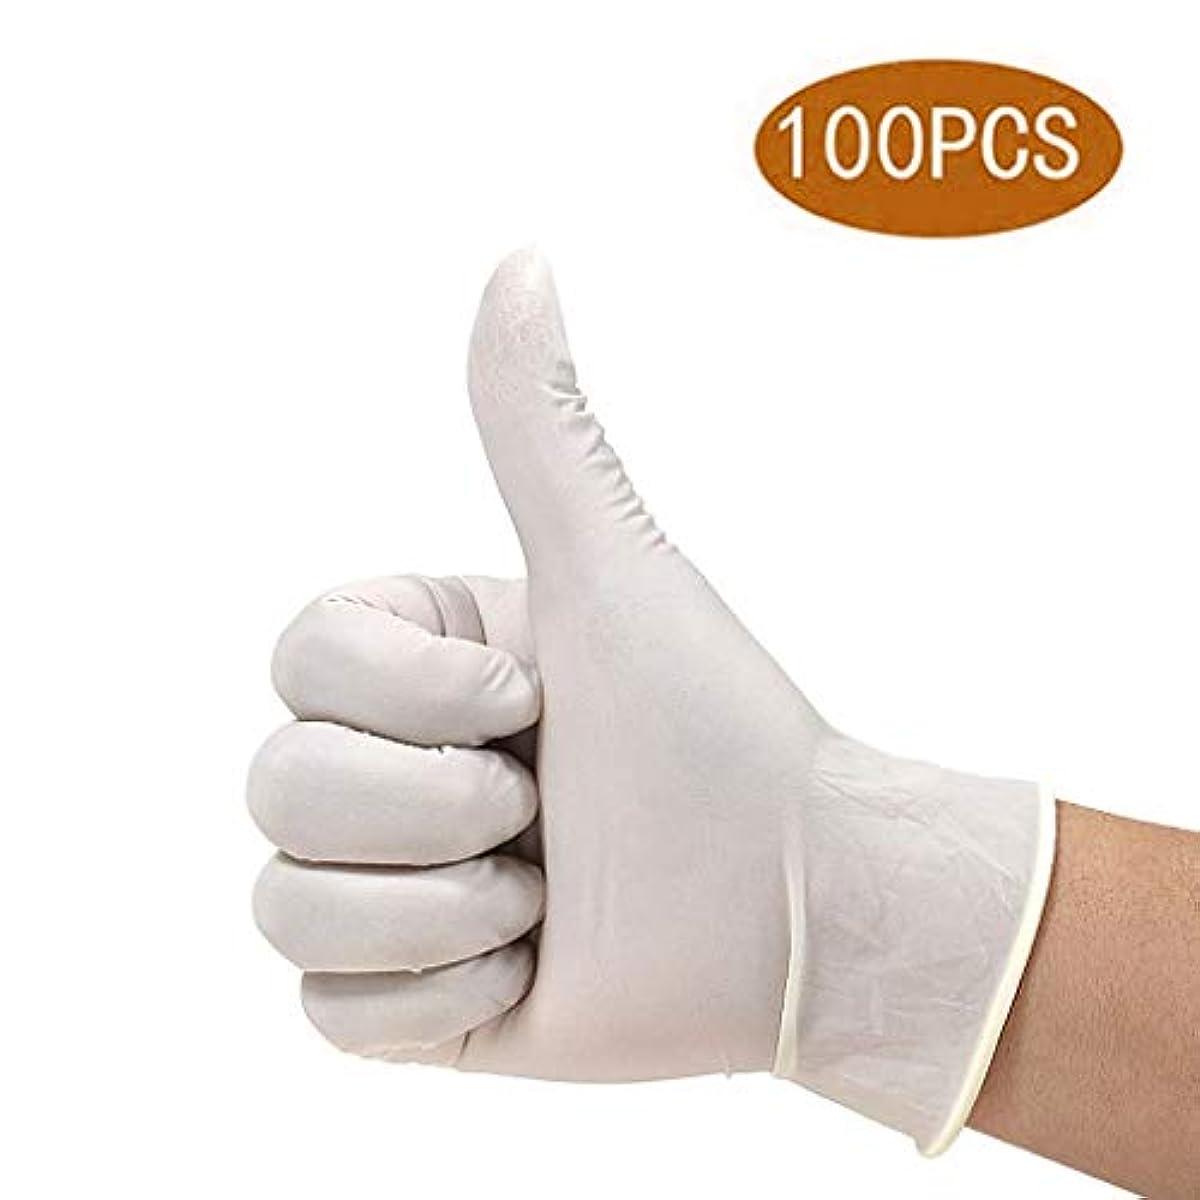 成長する流星怖がらせる使い捨て手袋ラテックスプラスチック保護洗浄野菜タトゥー家庭用医療肥厚耐久性タトゥー検査実験タトゥー保護ゴム、(100個/箱) (Size : L)